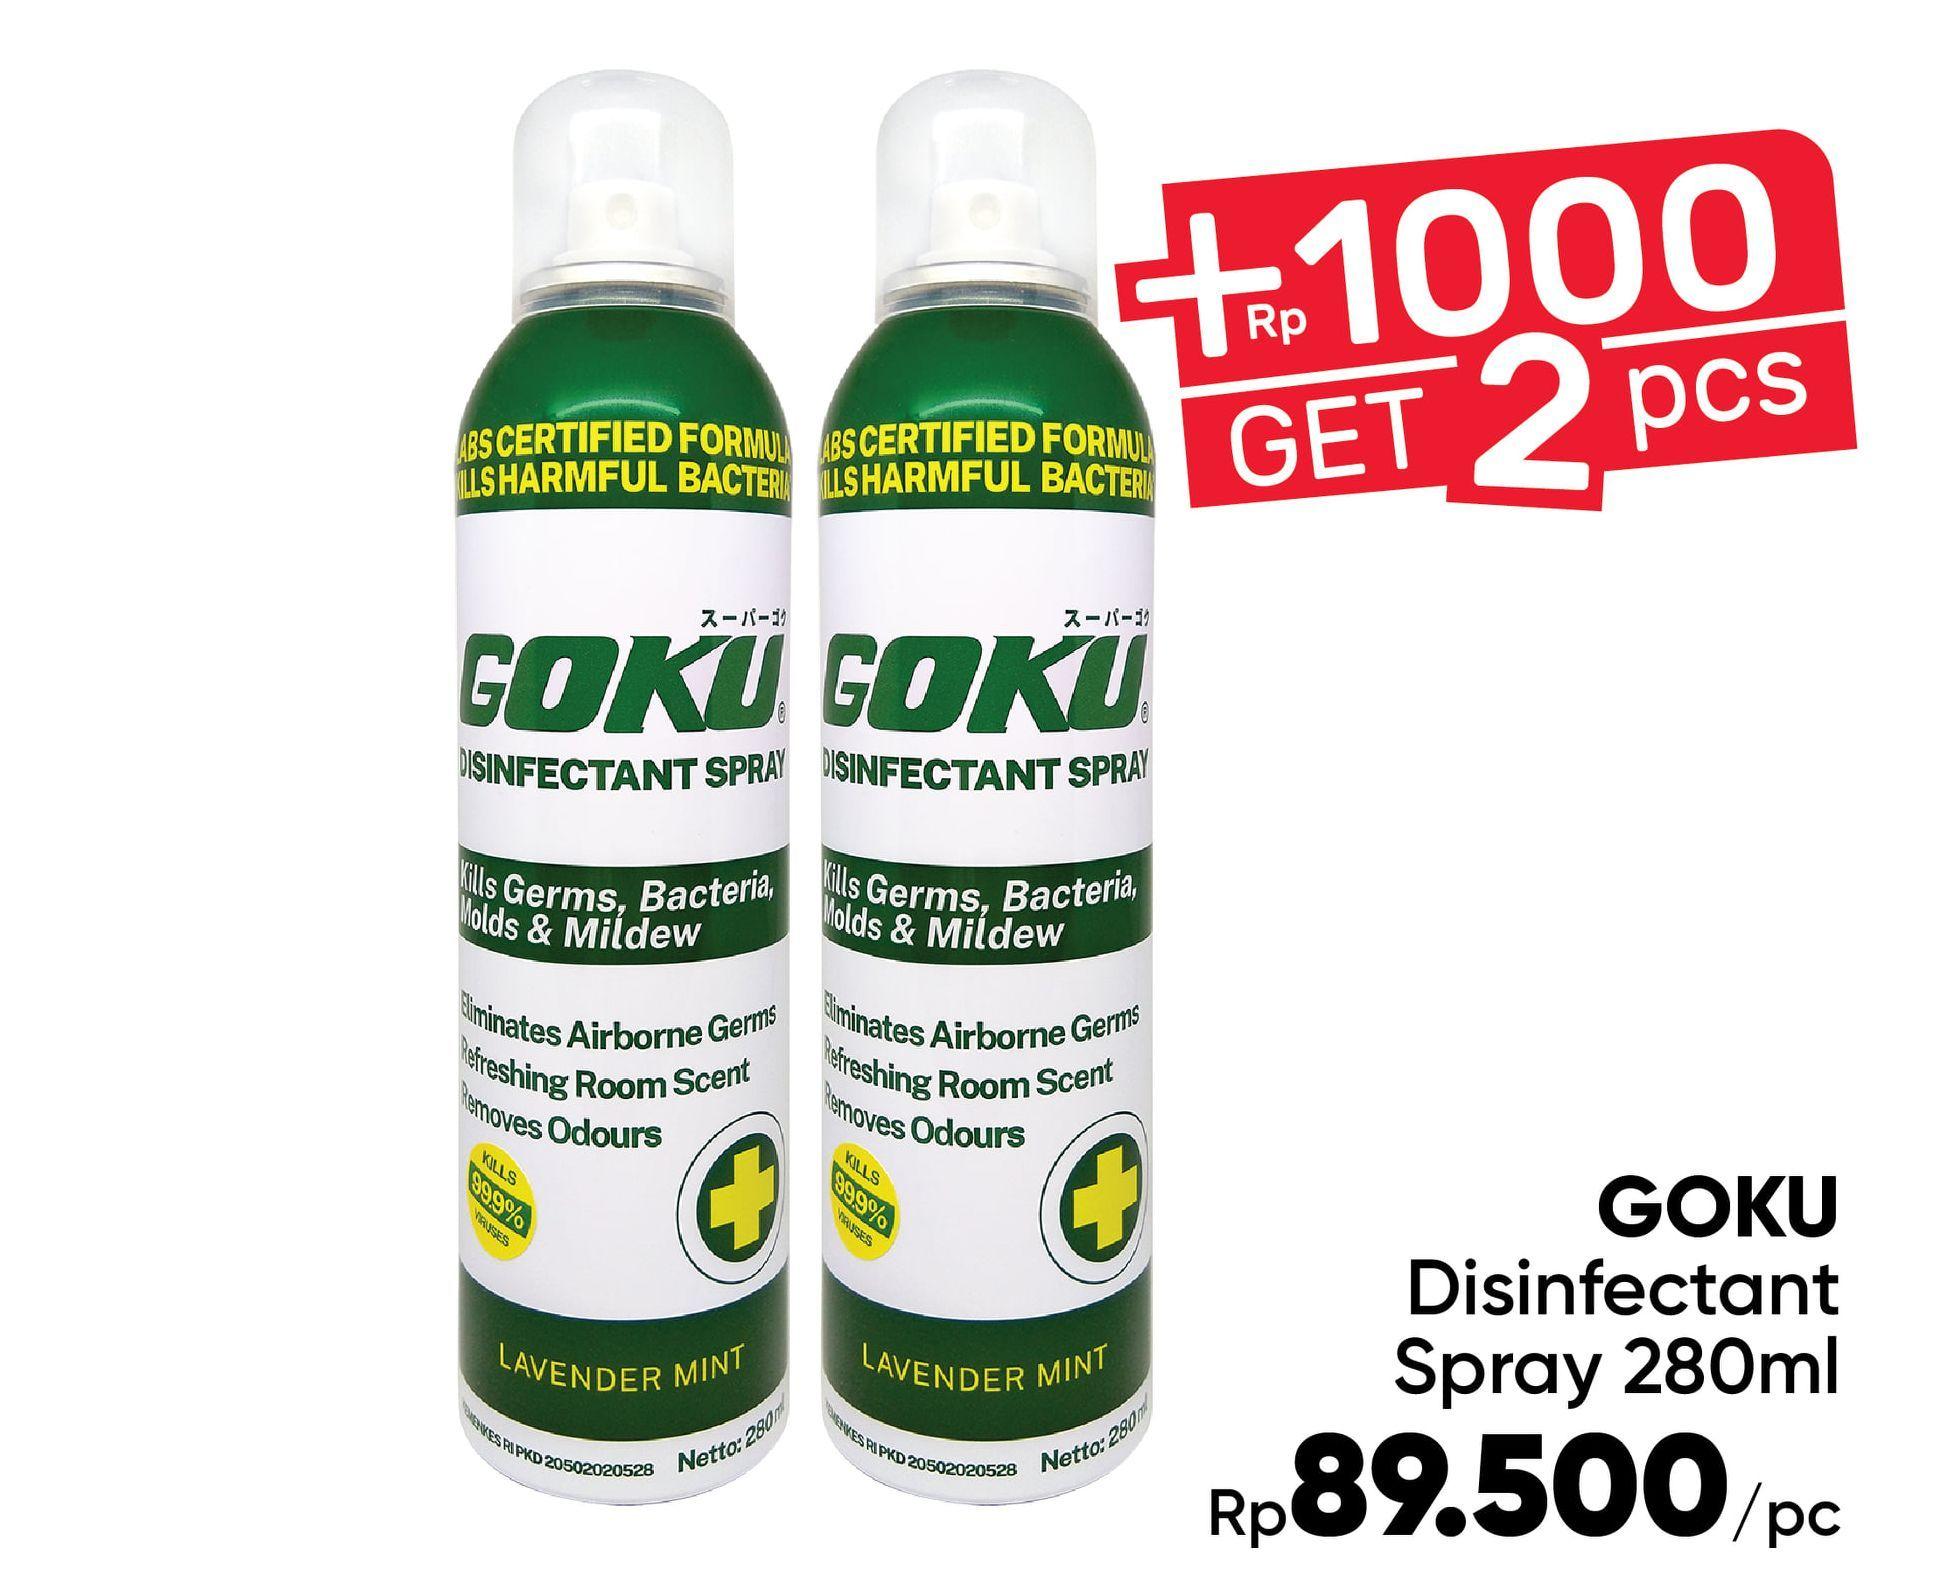 Promo Harga GOKU Disinfectant Spray 280 ml - Guardian